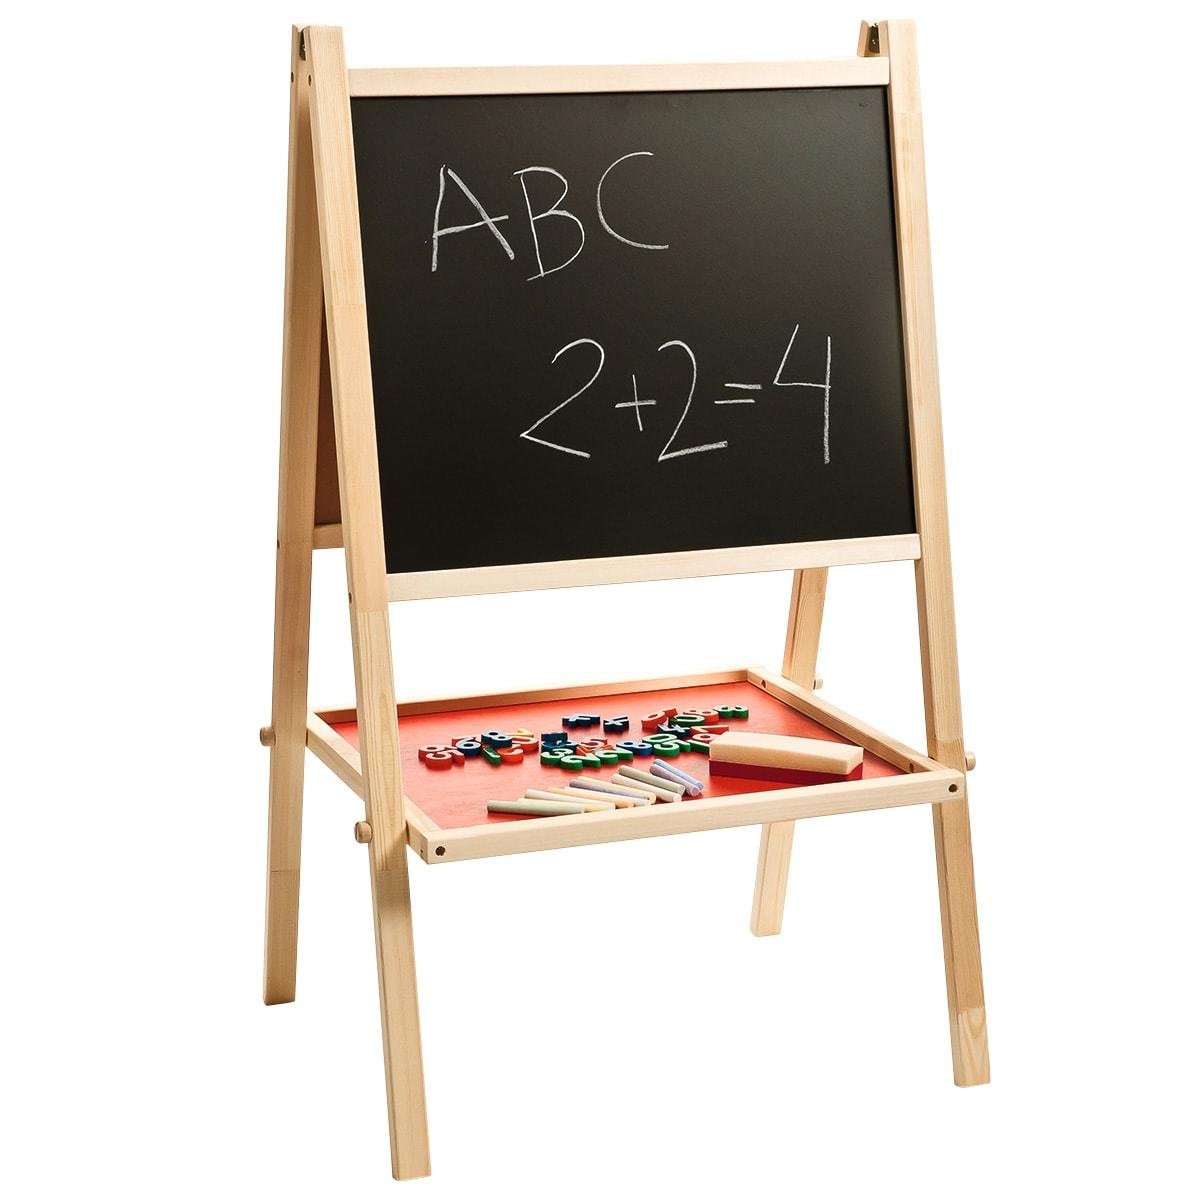 Kan bruges som kridttavle, whiteboard og magnettavle